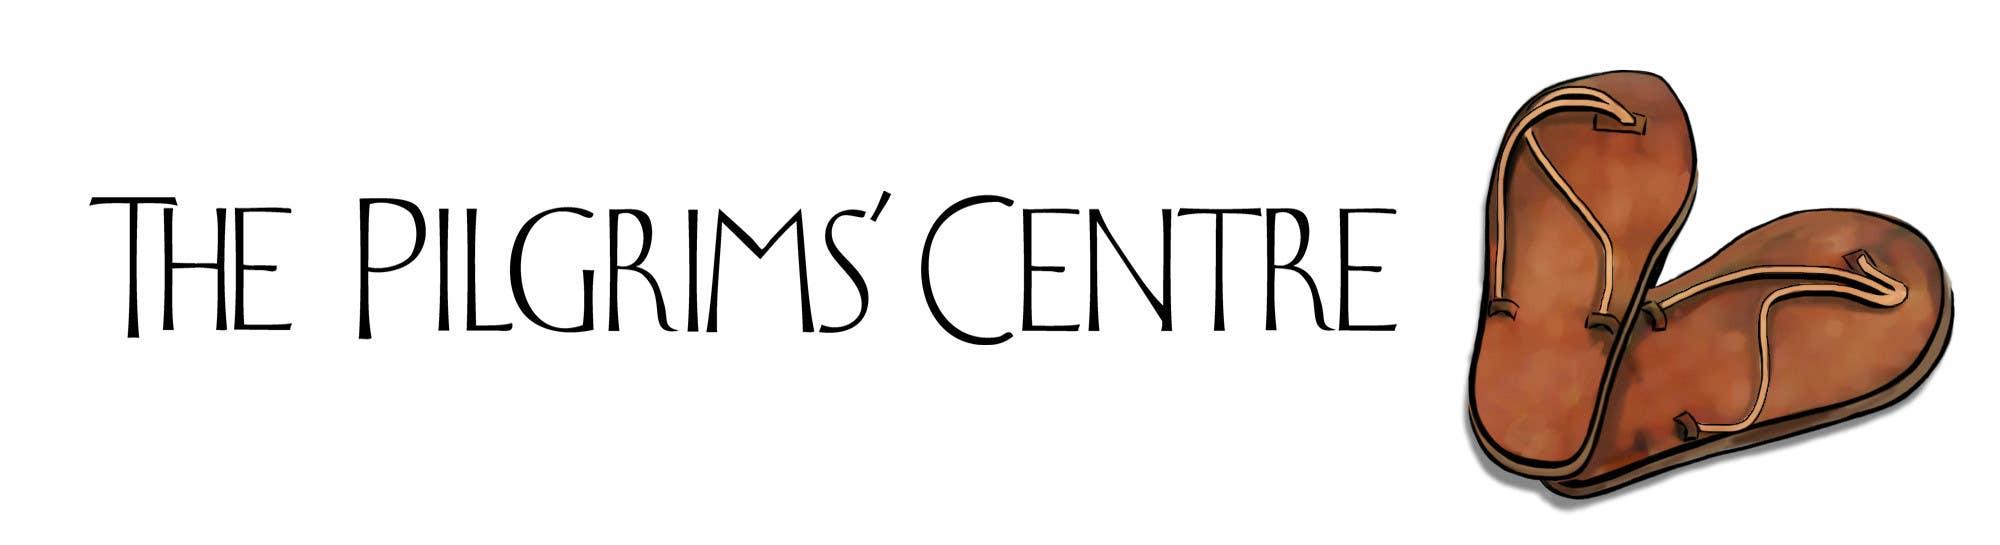 Inscrição nº 53 do Concurso para Logo Design for a Pilgrimage / Catholic Travel Company